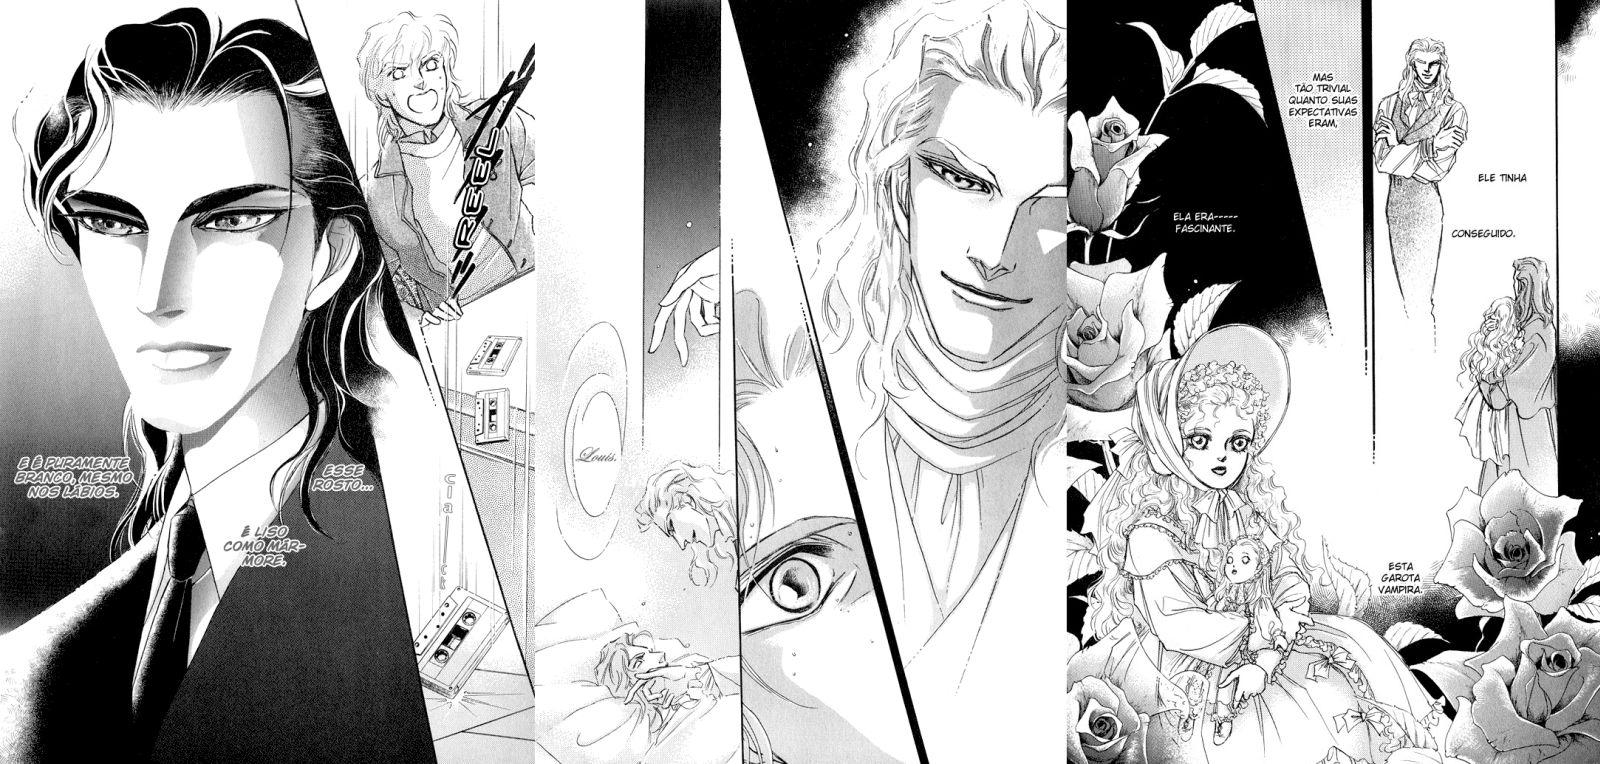 wywiad z wampirem manga